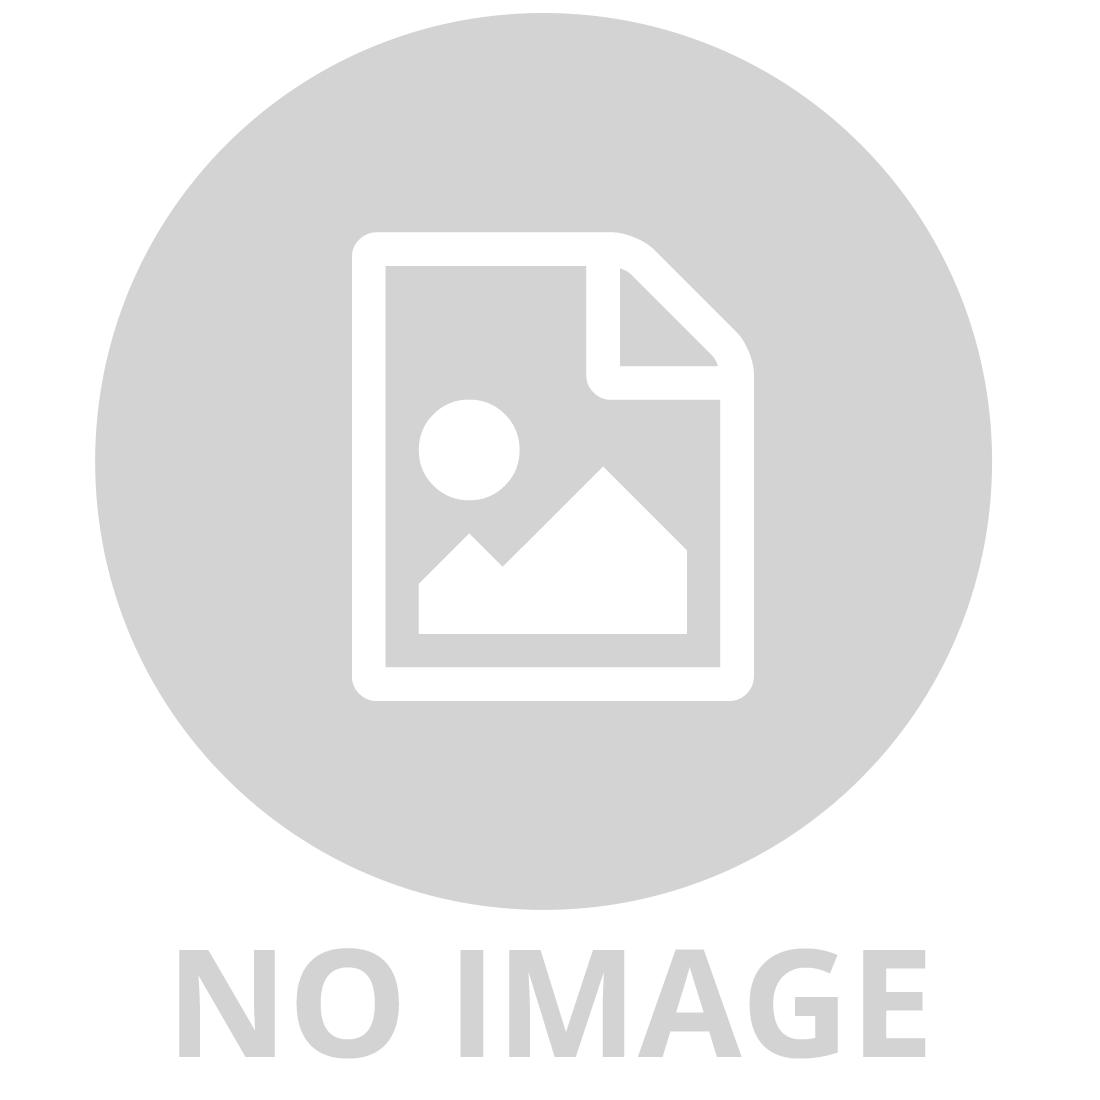 MAGIC COLLECTION SVENGALI CARDS